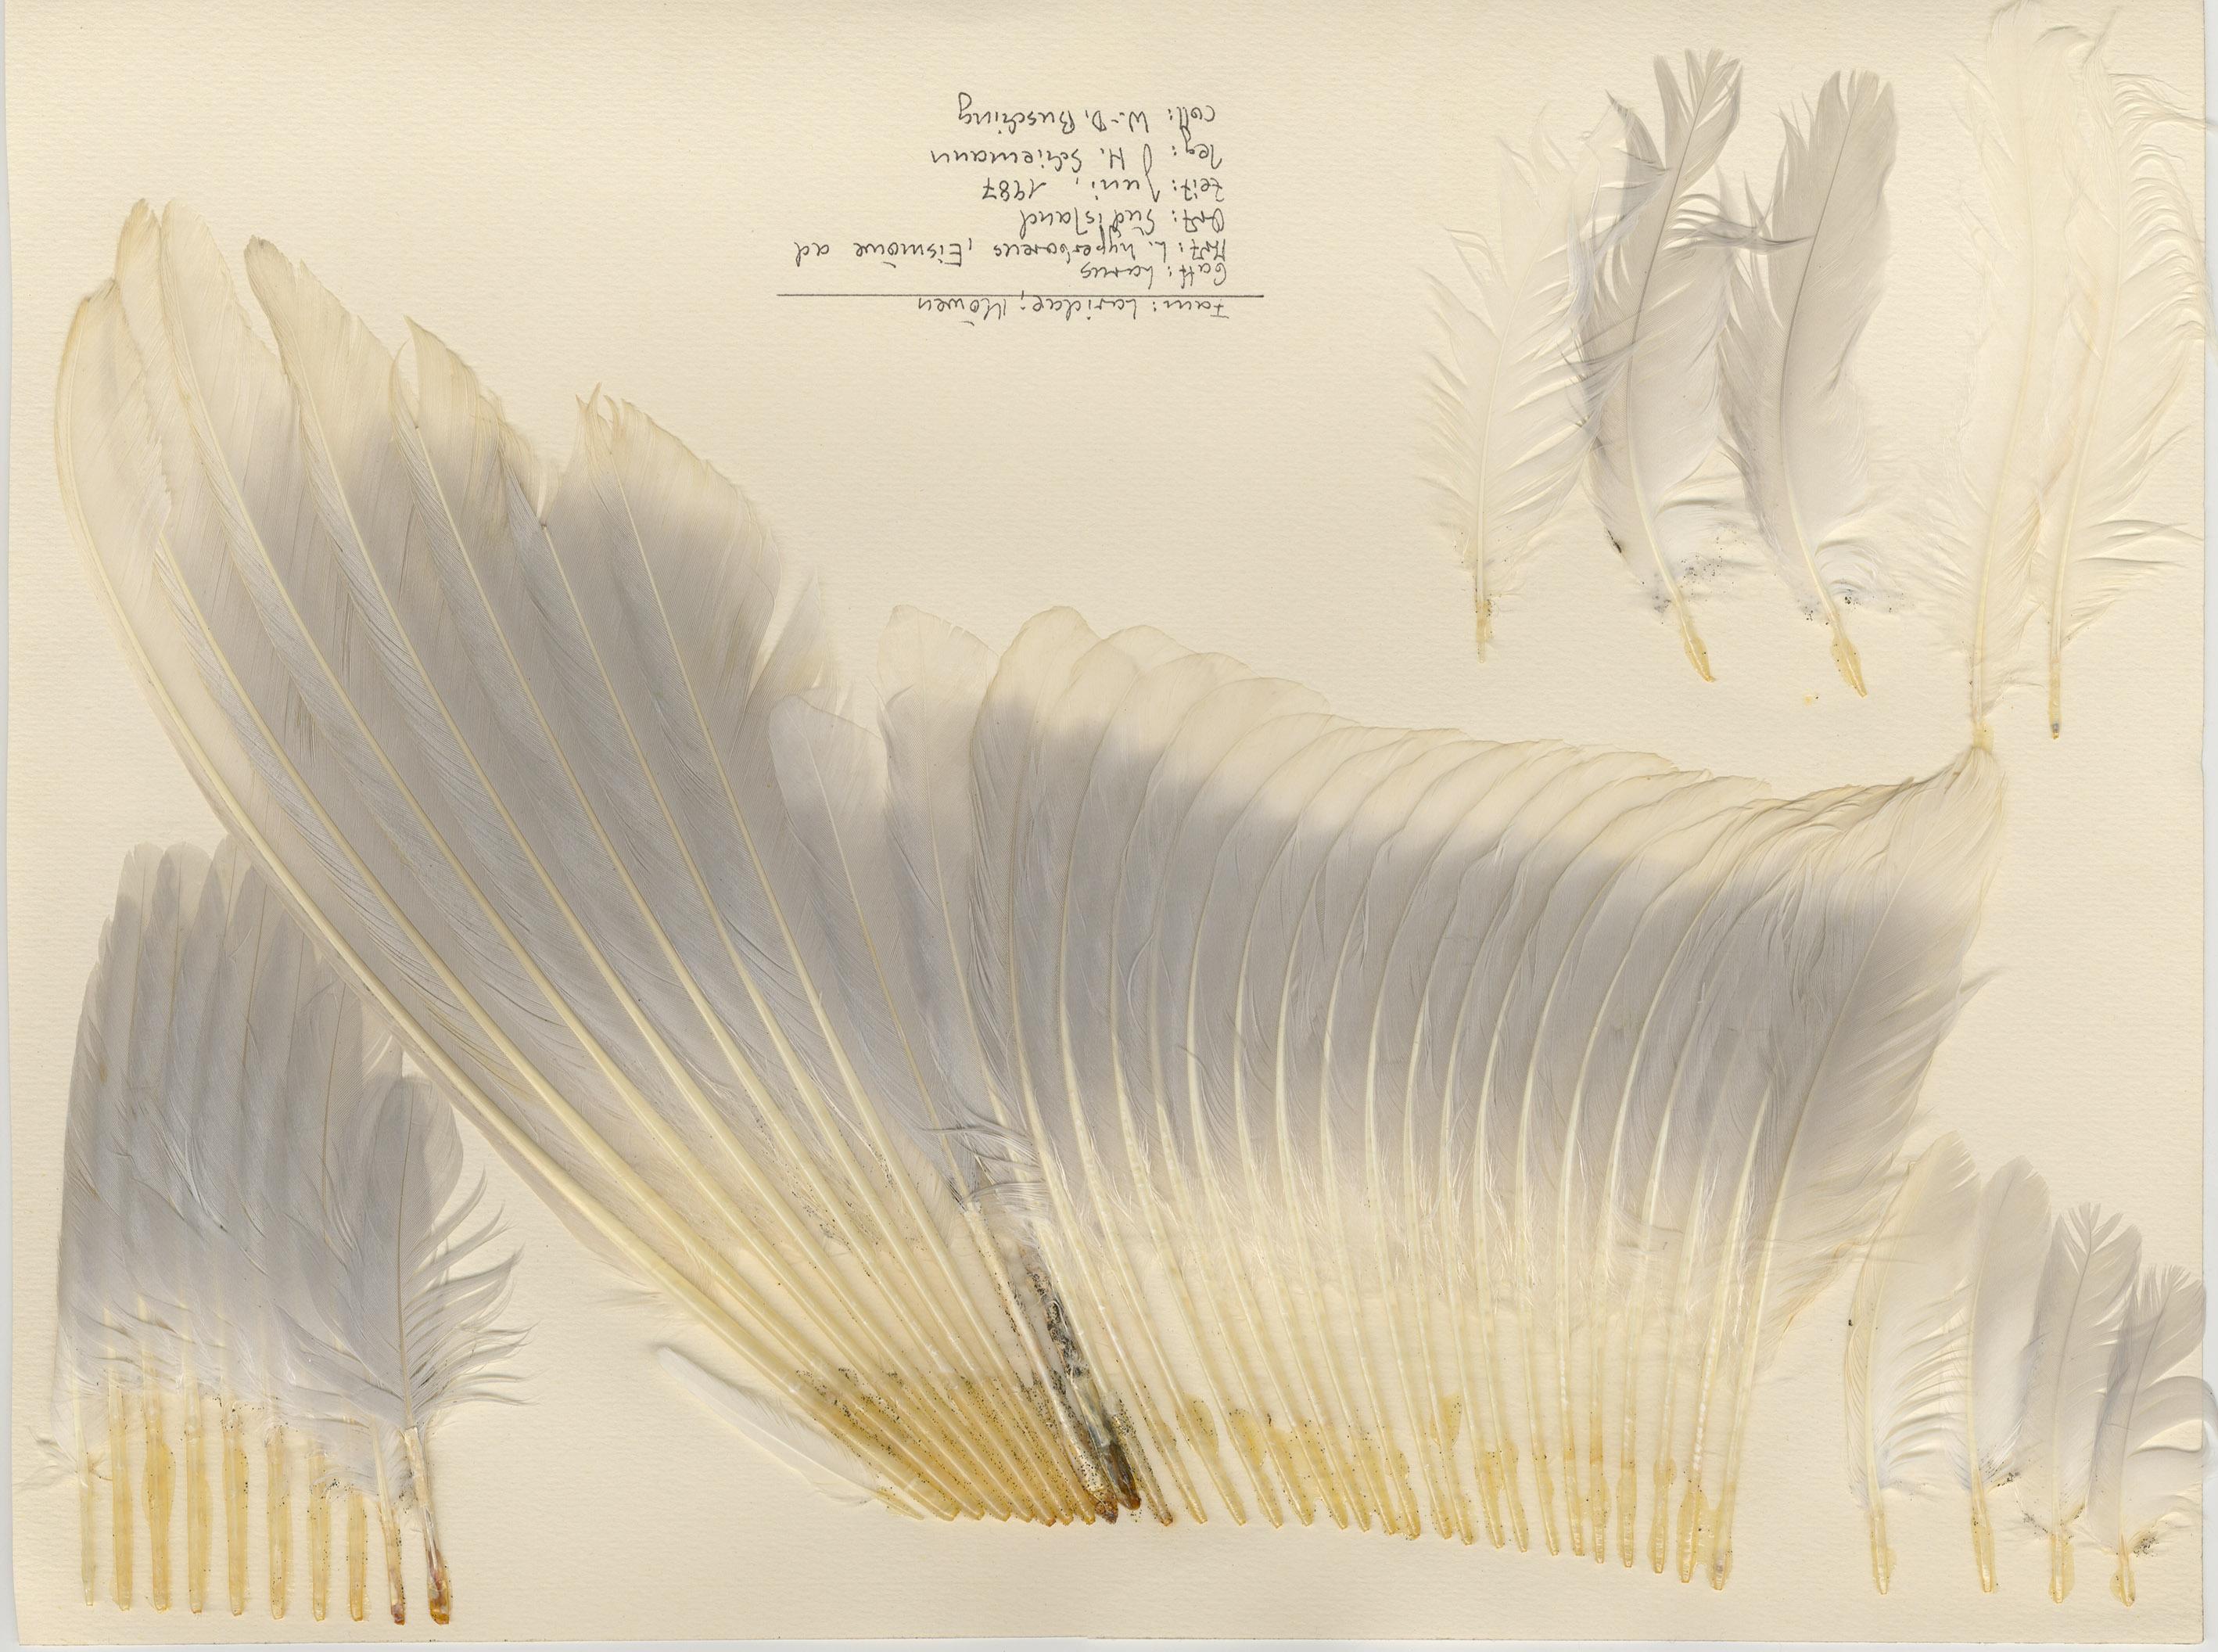 Glaucous Gull (Larus hyperboreus) - Feathers on featherbase info